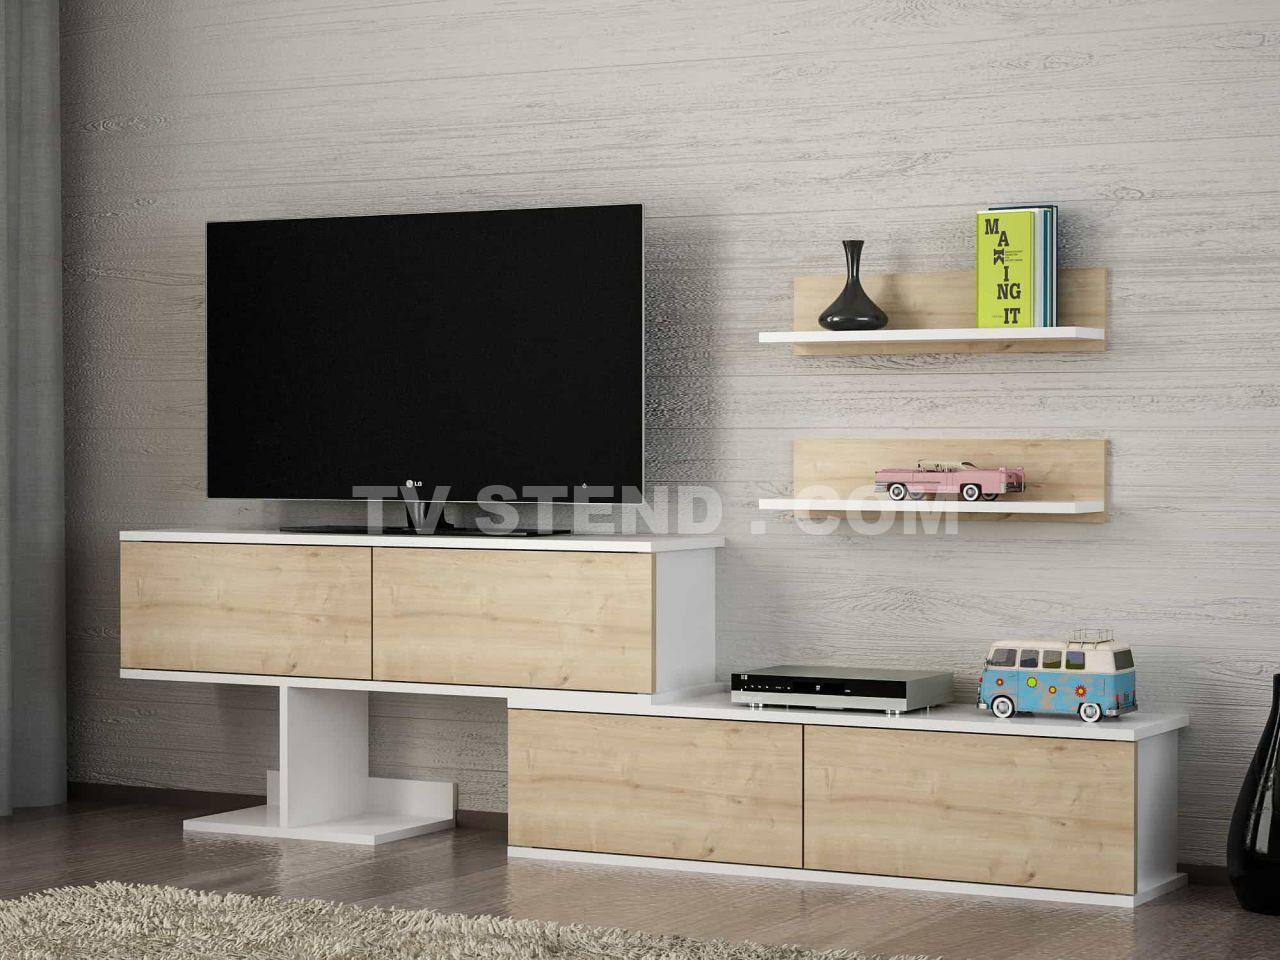 Maximus televizor altlığı